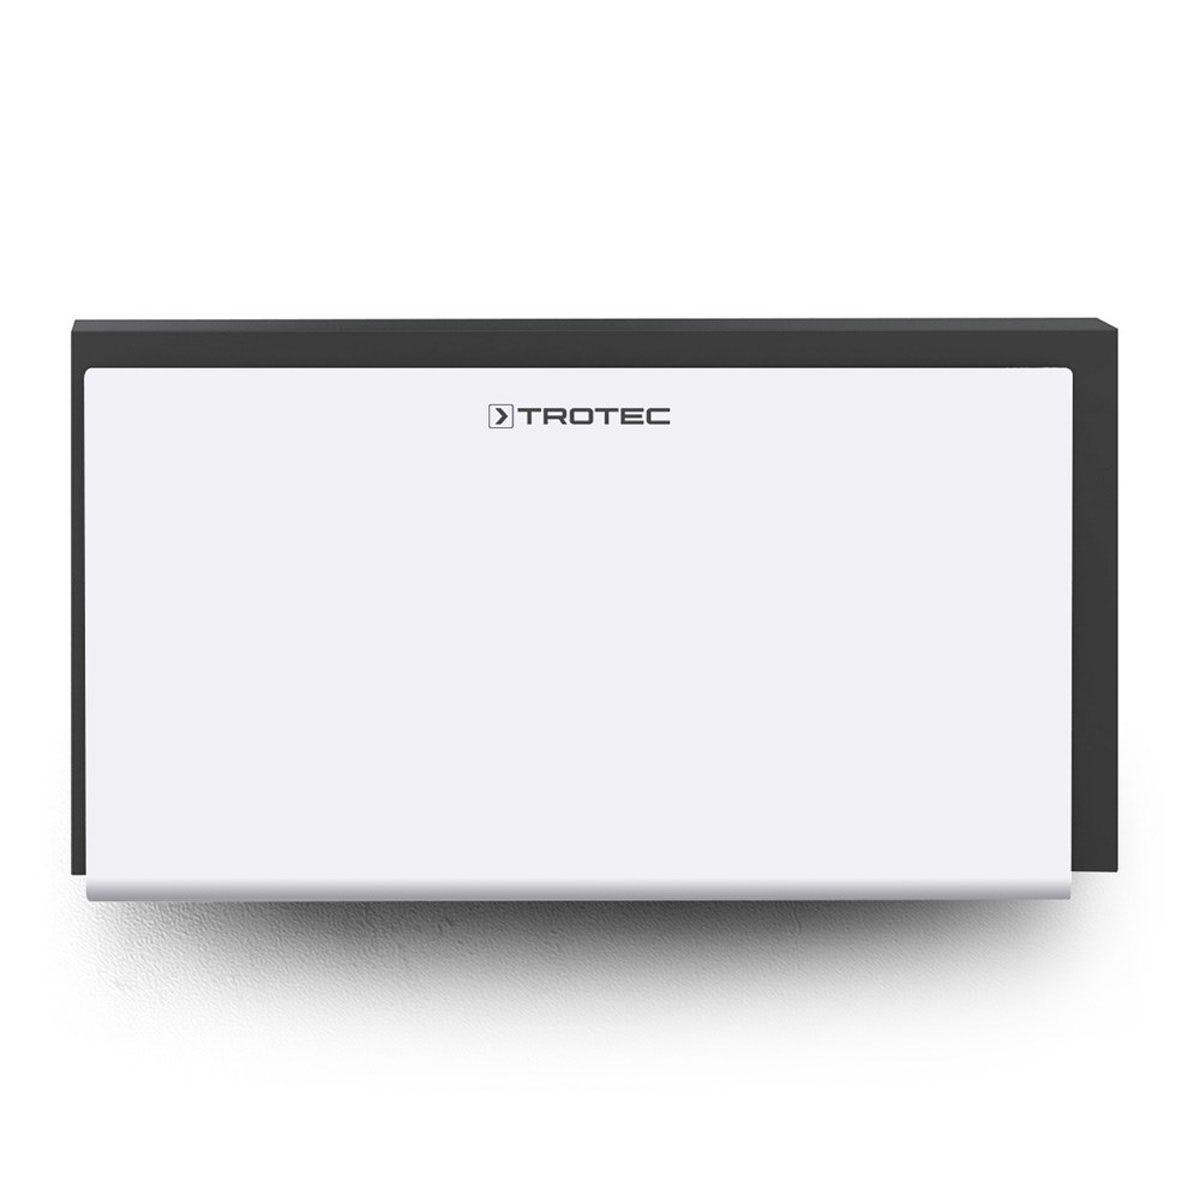 Industrie-Kondenstrockner, DH 60 VPR+, weiss/schwarz, 230 V, 1.2 kW, 1065 m3/h, 104 l/24h